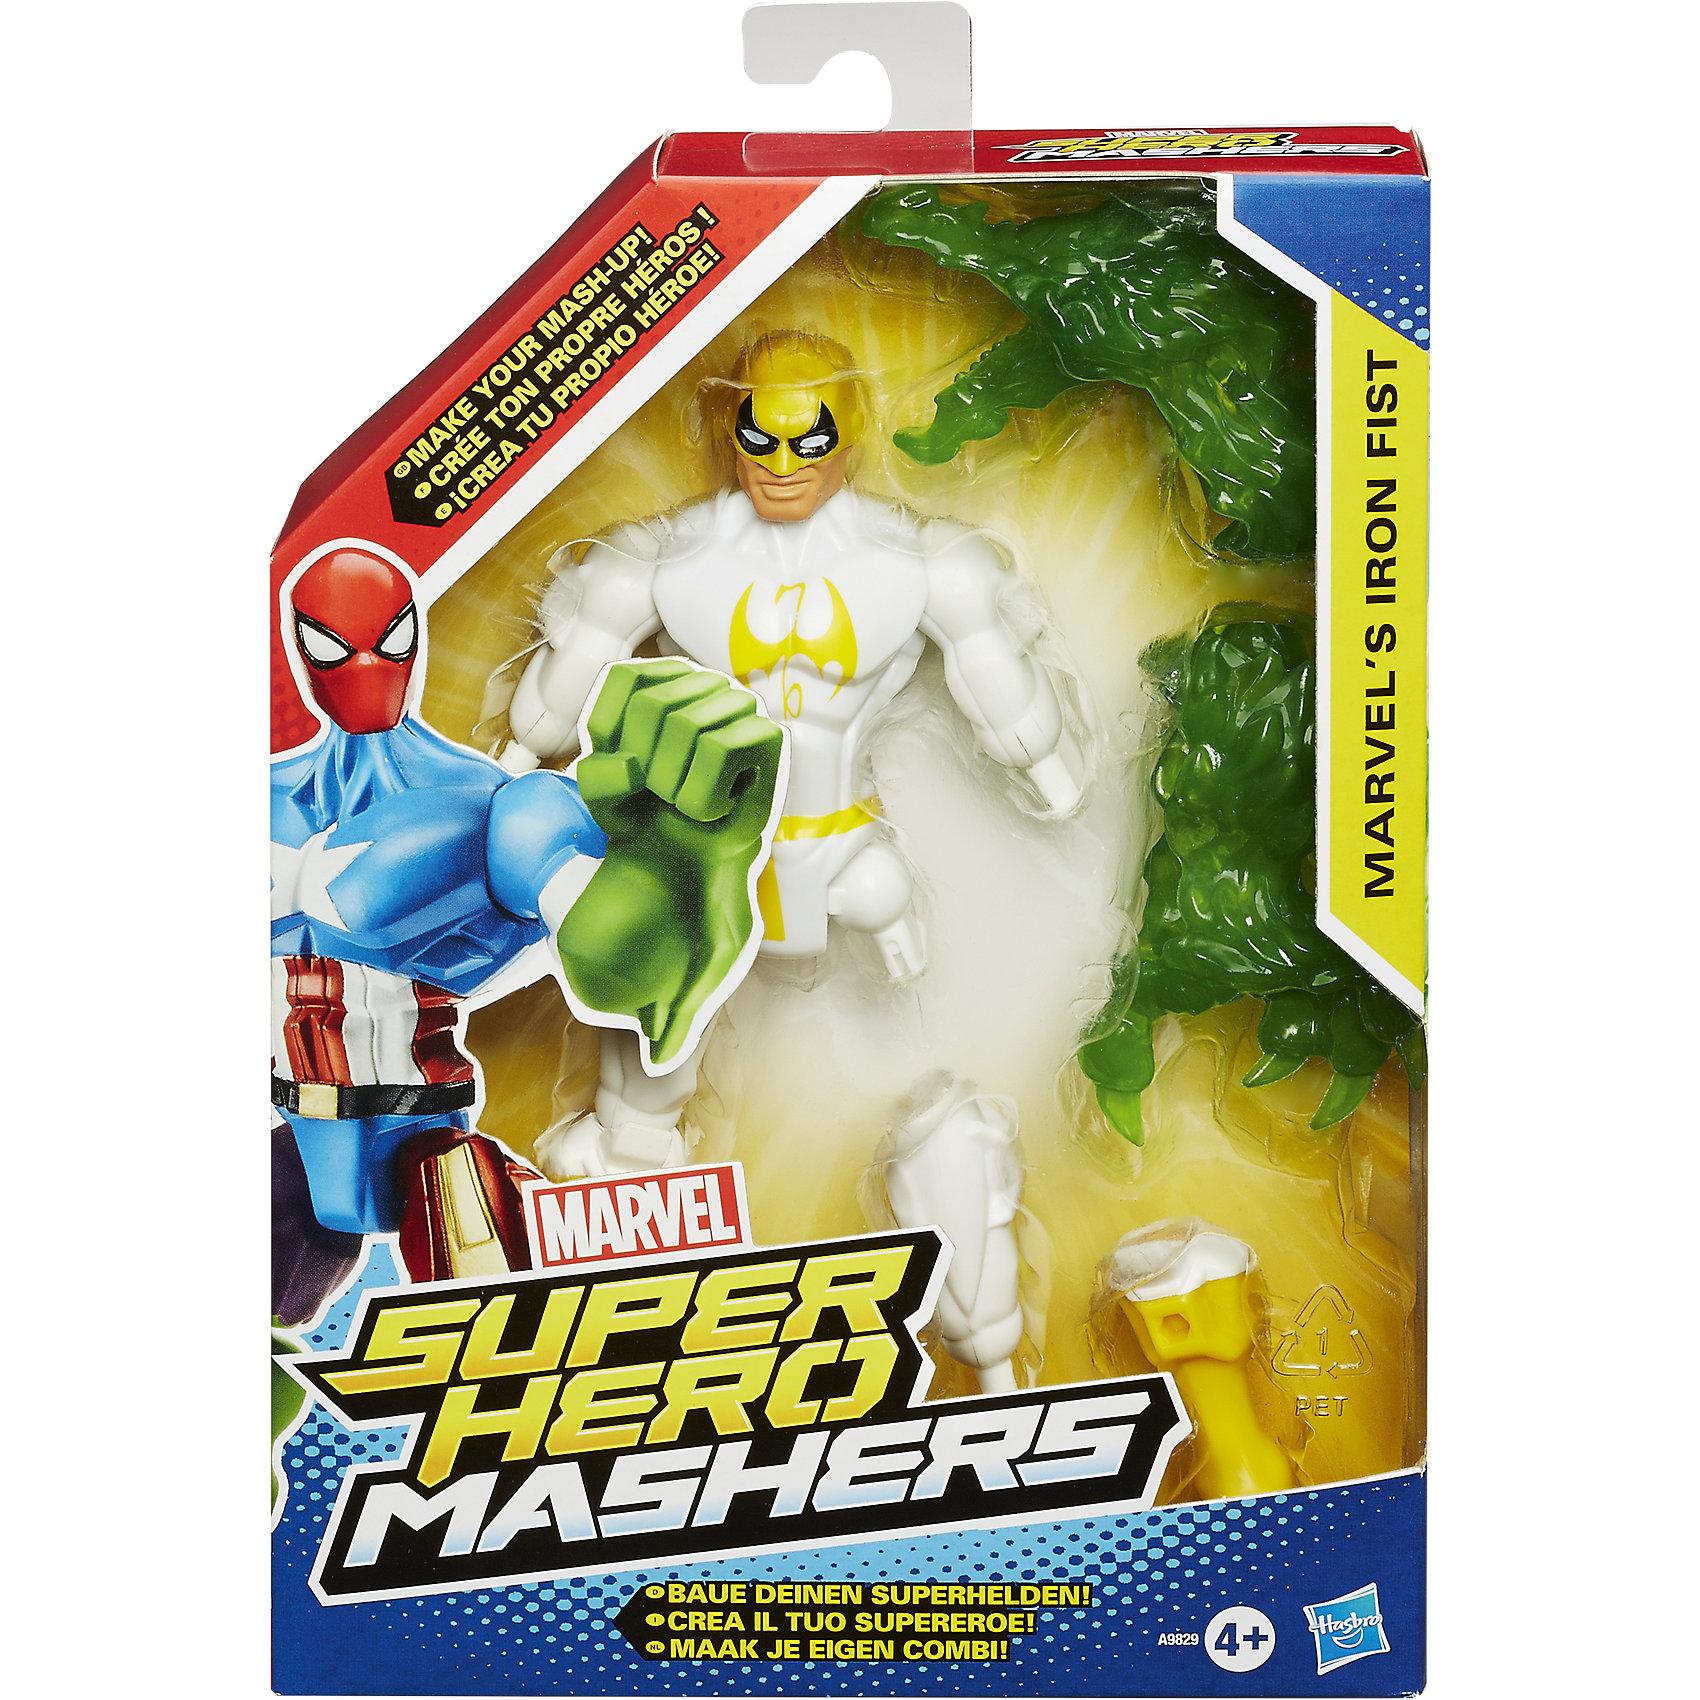 Разборные фигурки Марвел, Hero Mashers, в ассортиментеПопробуй совершенно новый способ игры с героями Марвел. Разбирай фигурки и собирай своего супергероя, объединяя способности разных героев. Фигурки можно использовать с героями других линеек. Игрушки выполнены из высококачественных безопасных материалов, прекрасно детализированы, максимально похожи на персонажей фильма.  Разборные игрушки помогают развить мелкую моторику, логическое мышление и воображение ребенка.<br><br>Дополнительная информация:<br><br>- Комплектация: фигурка, аксессуар. <br>- Размер: 15 см.<br>- Материал: пластик.<br>- Игрушка в ассортименте.<br>ВНИМАНИЕ! Данный артикул представлен в разных вариантах исполнения. К сожалению, заранее выбрать определенный вариант невозможно. При заказе нескольких игрушек возможно получение одинаковых.<br><br>Разборные фигурки Марвел, Hero Mashers, в ассортименте можно купить в нашем магазине.<br><br>Ширина мм: 210<br>Глубина мм: 154<br>Высота мм: 45<br>Вес г: 181<br>Возраст от месяцев: 48<br>Возраст до месяцев: 96<br>Пол: Мужской<br>Возраст: Детский<br>SKU: 3986107